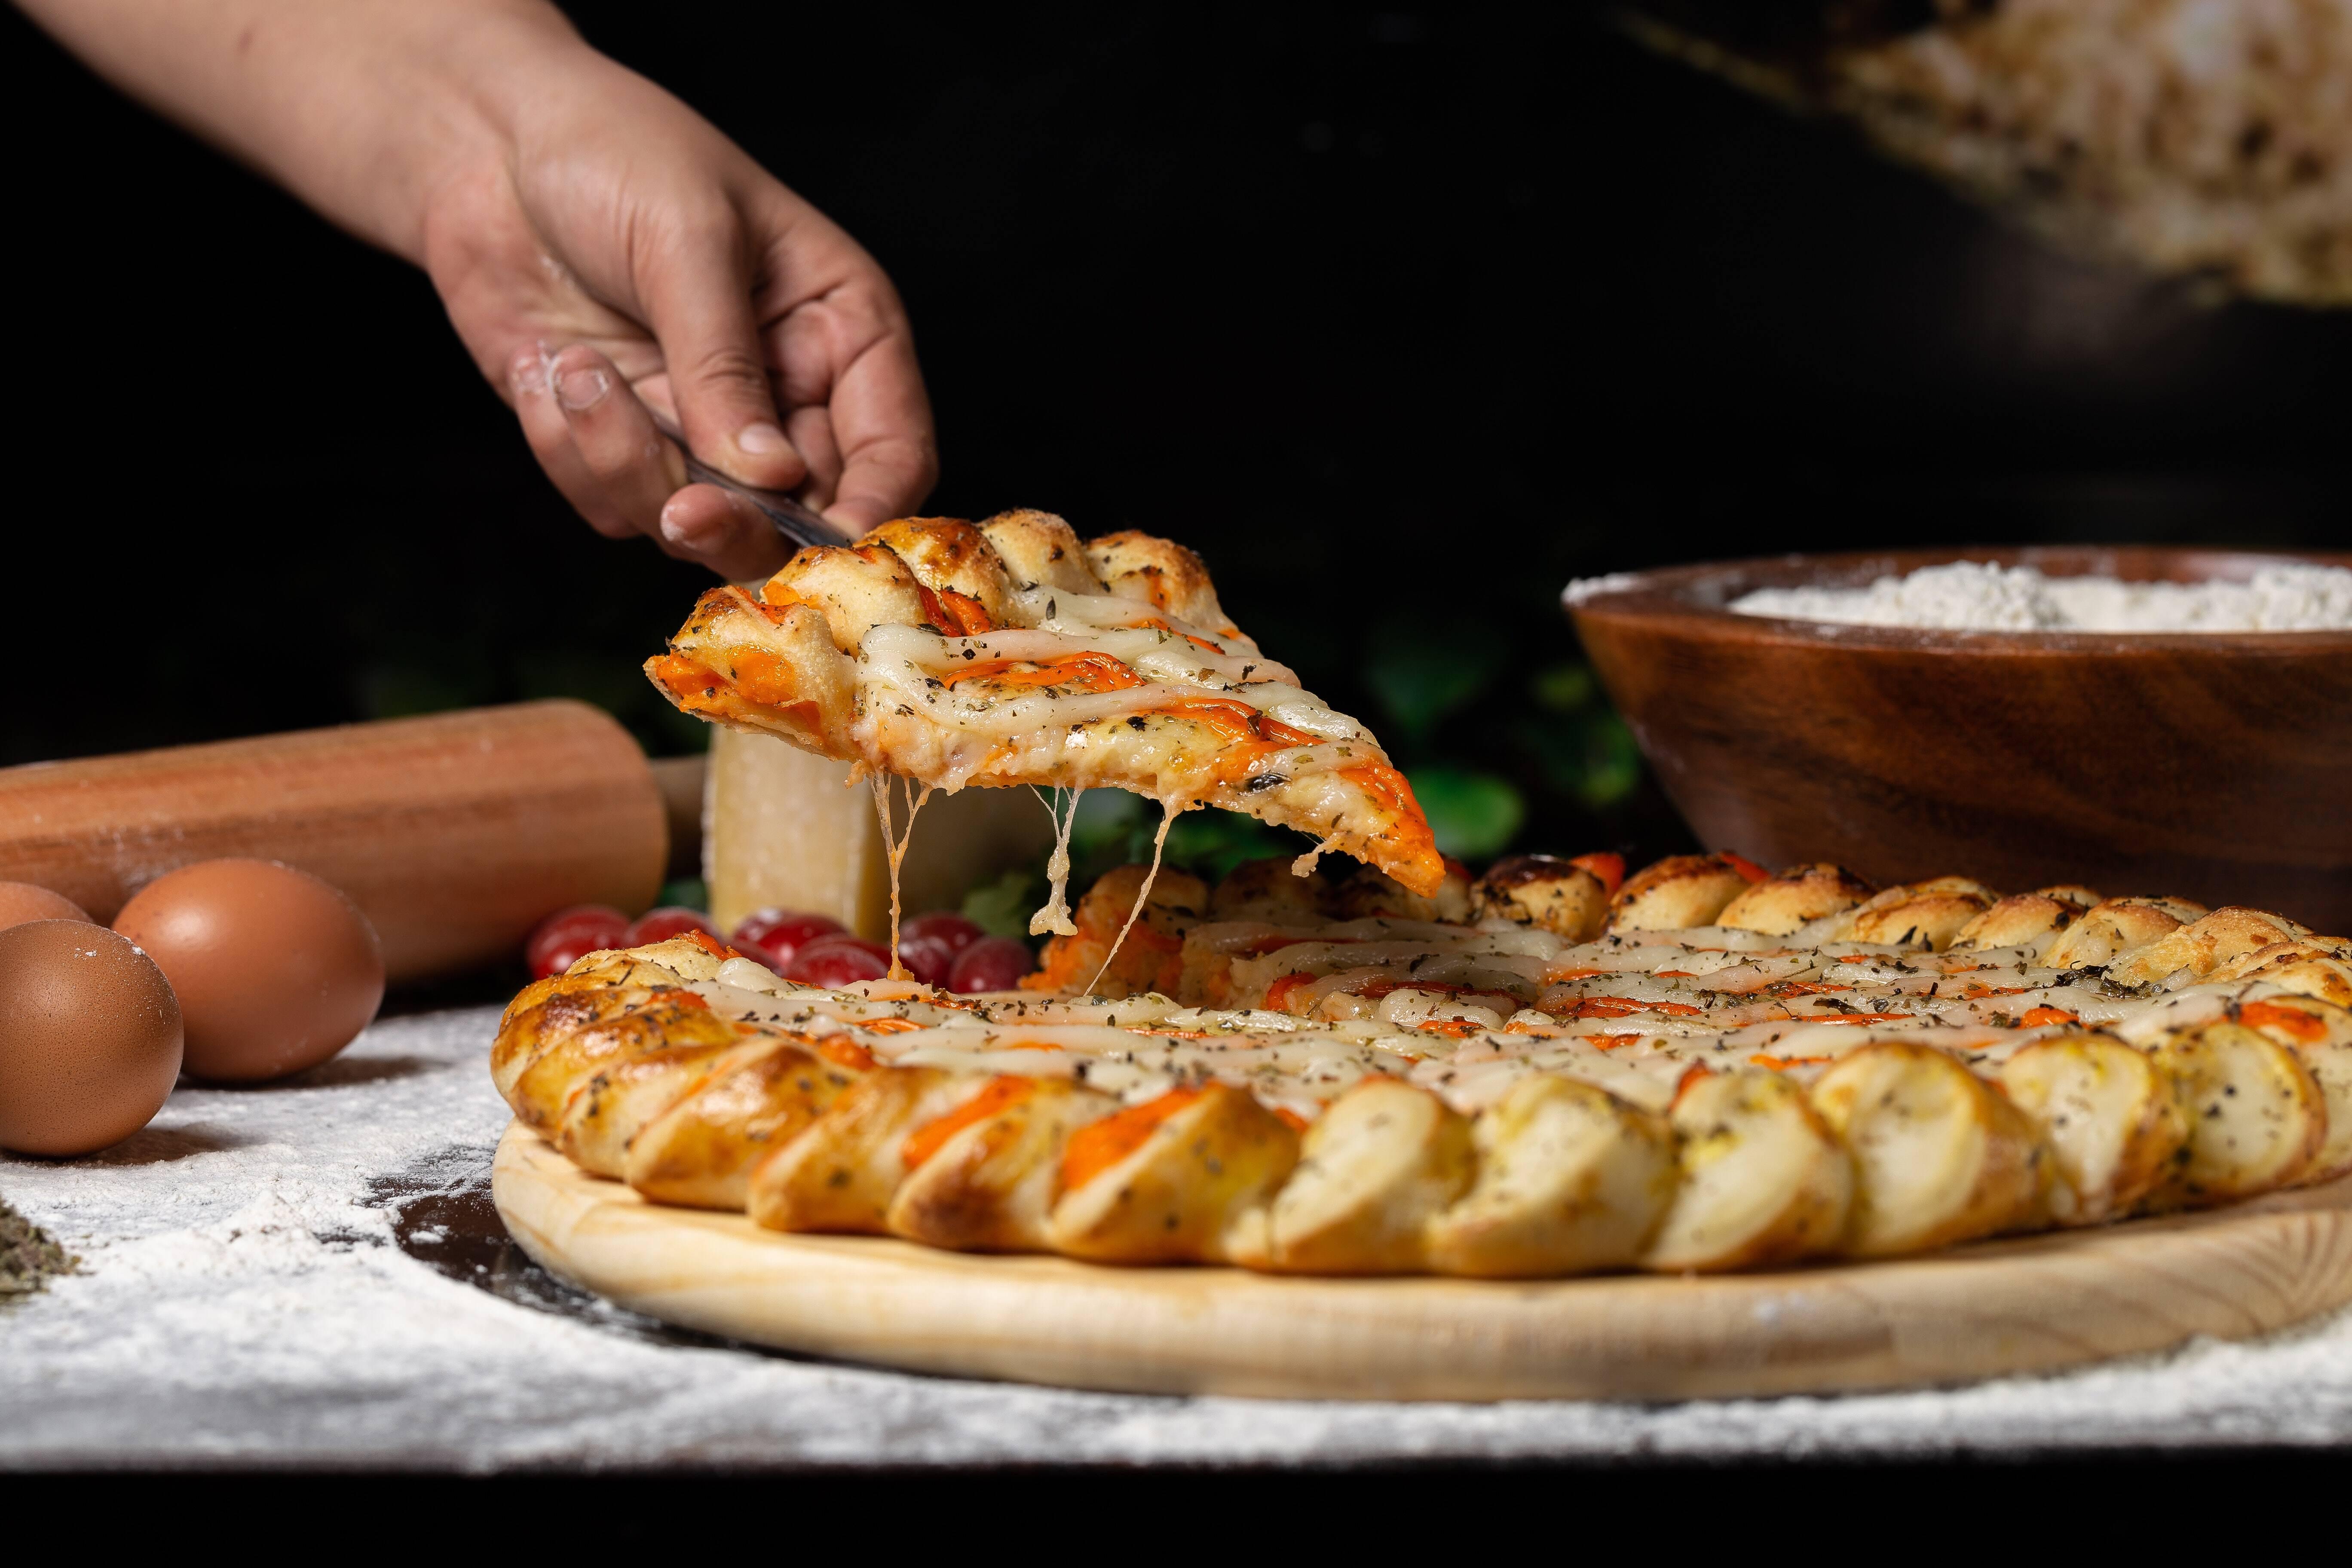 Em uma tigela grande para micro-ondas, adicione o queijo muçarela e o cream cheese. Coloque no micro-ondas por 60 segundos e depois mexa a mistura, e continue cozinhando em incrementos de 20 segundos até que o queijo esteja completamente derretido e combinado quando mexido. Volte com a mistura de fermento espumoso e acrescente o queijo derretido até incorporar, depois acrescente o ovo batido e mexa tudo. Em seguida, adicione a mistura de farinha de amêndoa até formar uma massa. (Foto: Pexels)